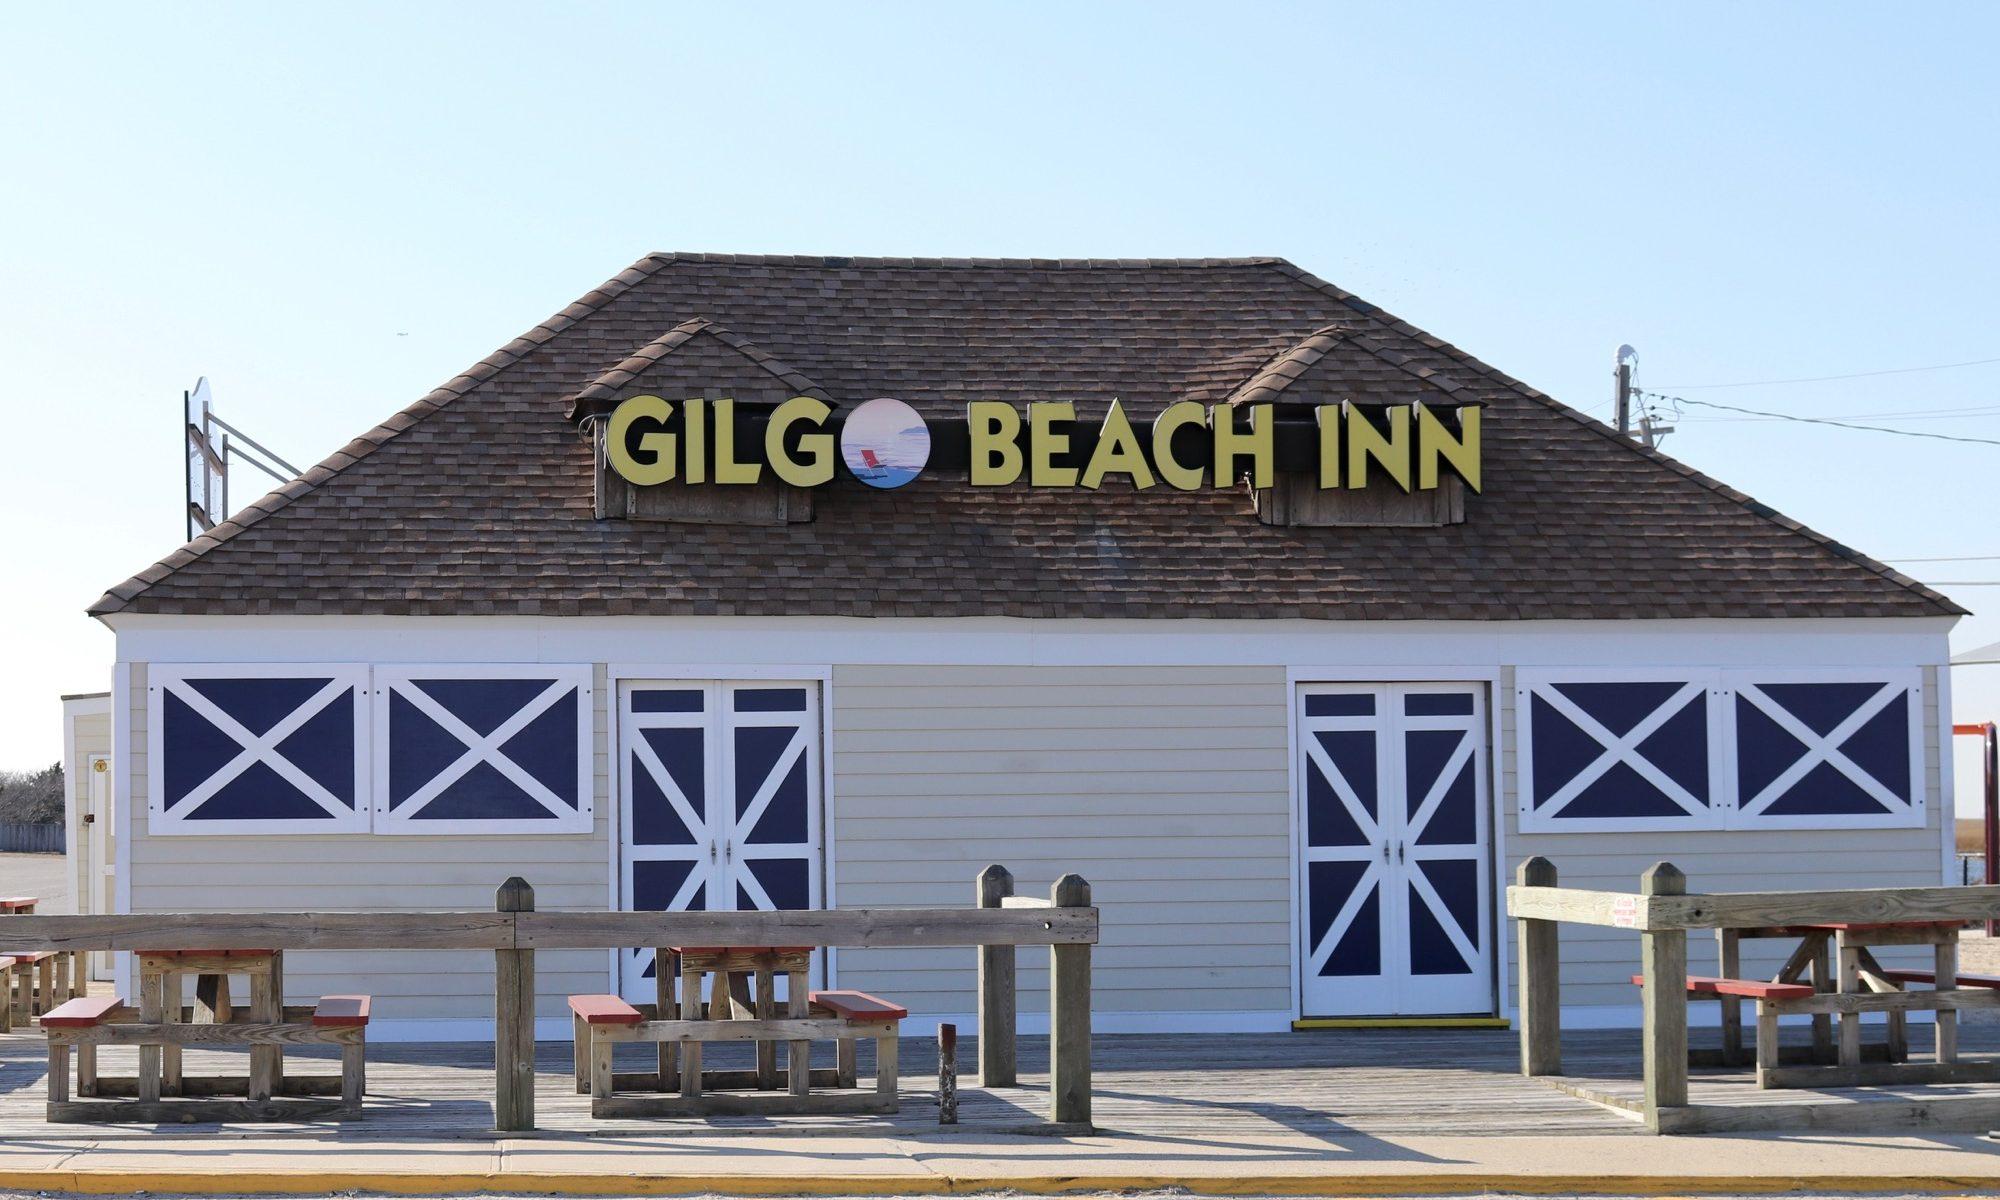 Gilgo Beach Inn